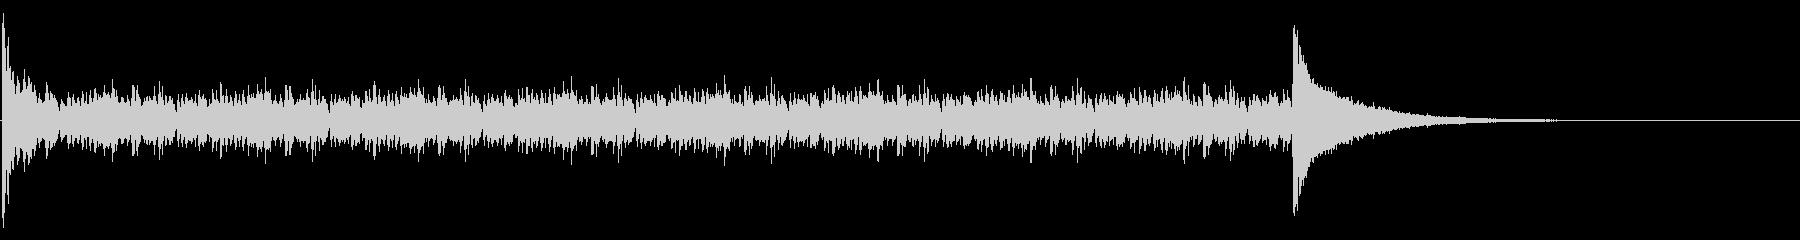 ドラムロール_15秒の未再生の波形